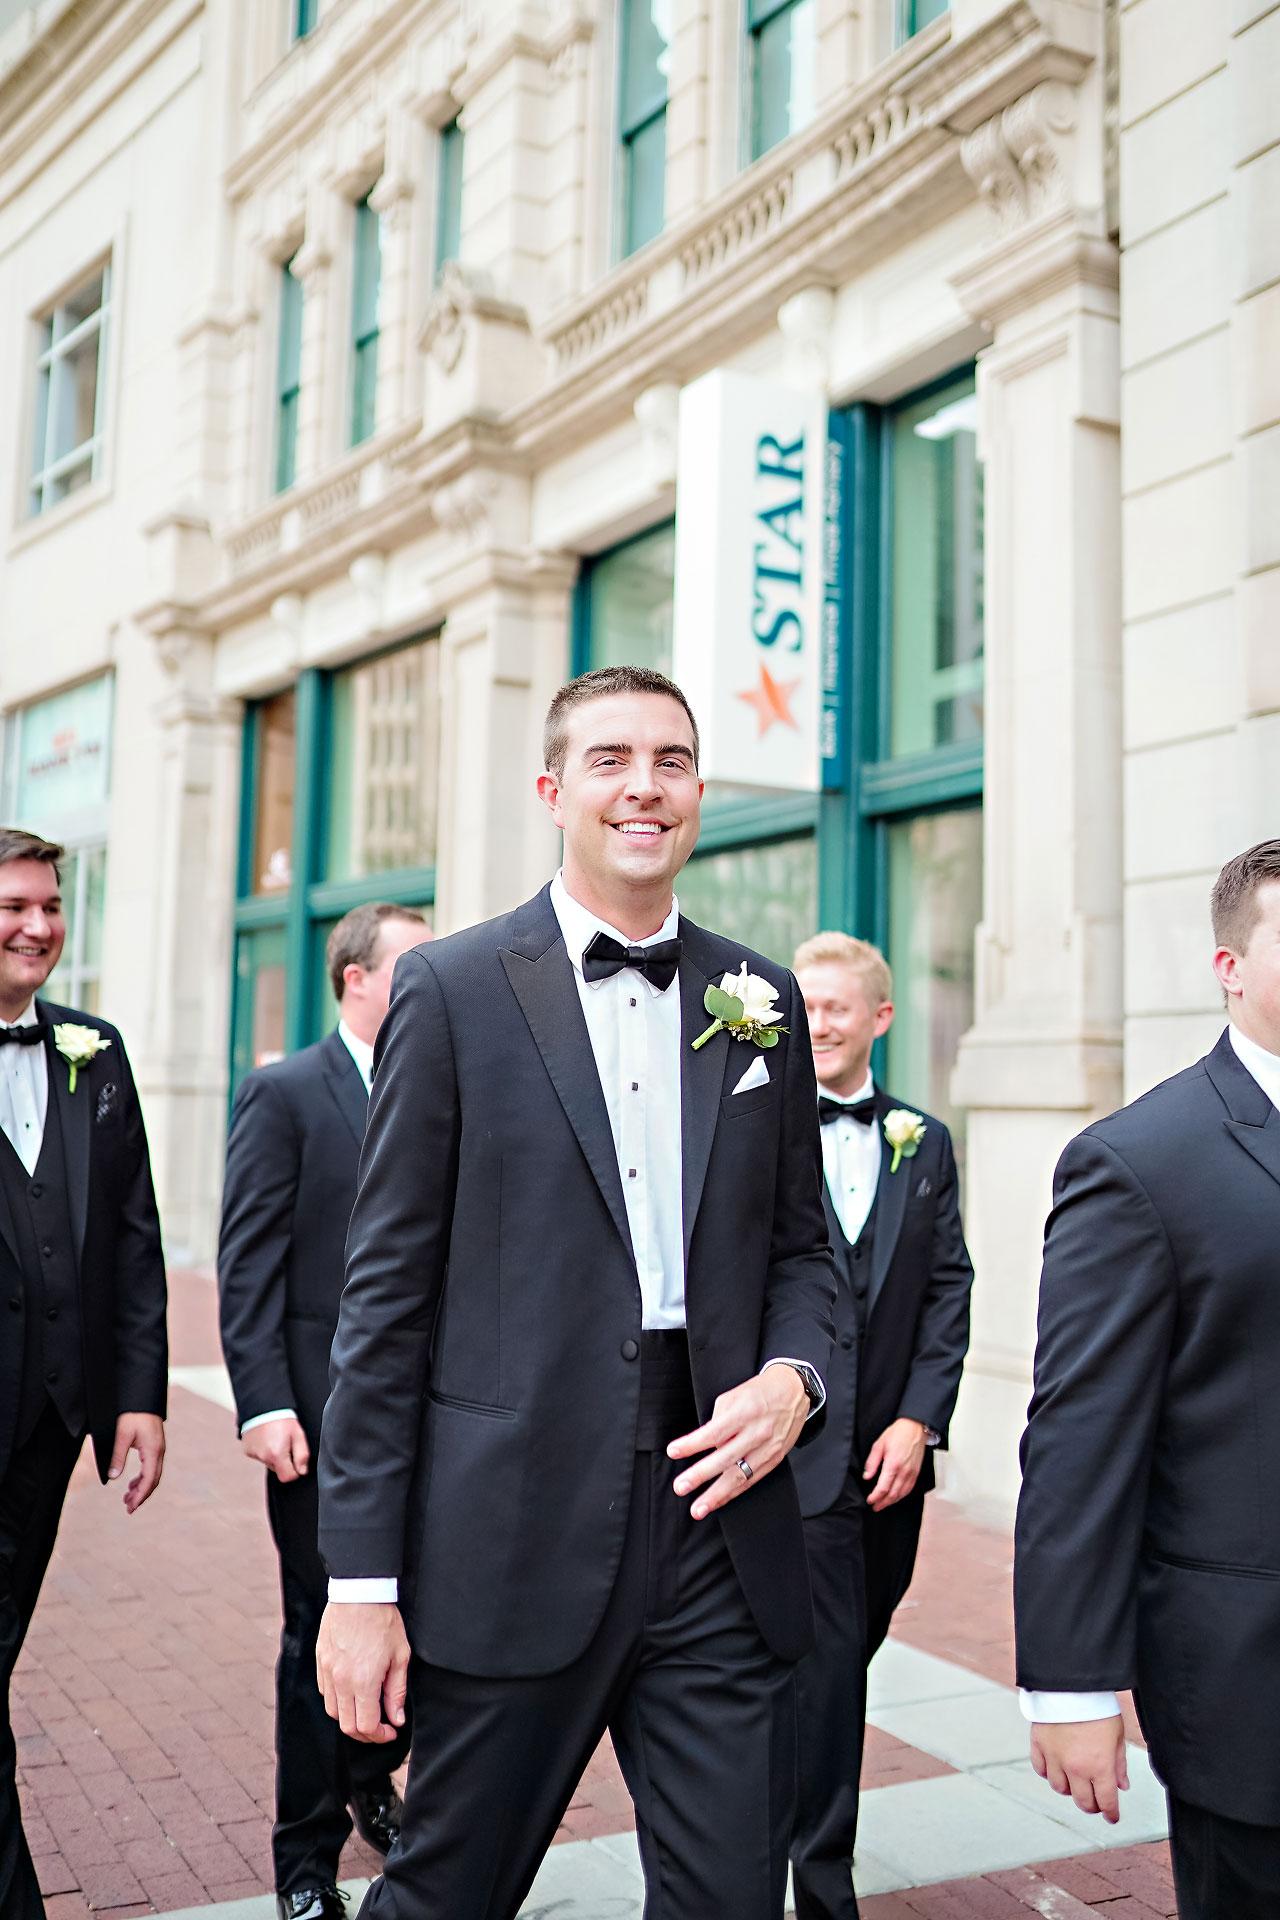 Liz Zach Conrad Artsgarden Indianapolis Wedding 082